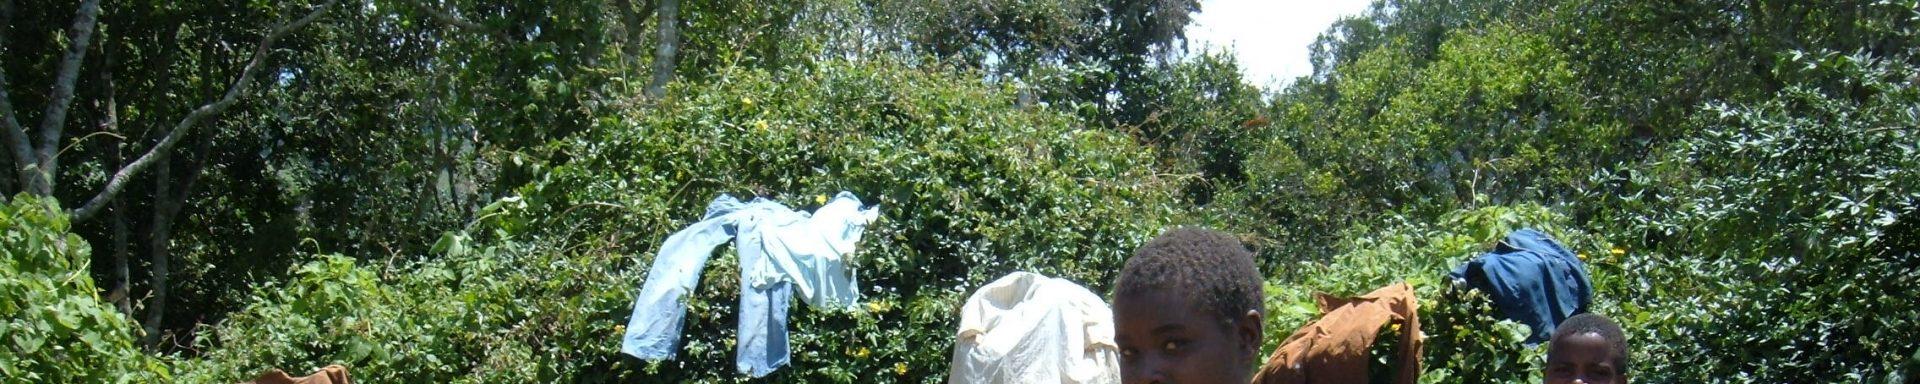 Inwoners rondom Lukozi verzekerd van drinkwater